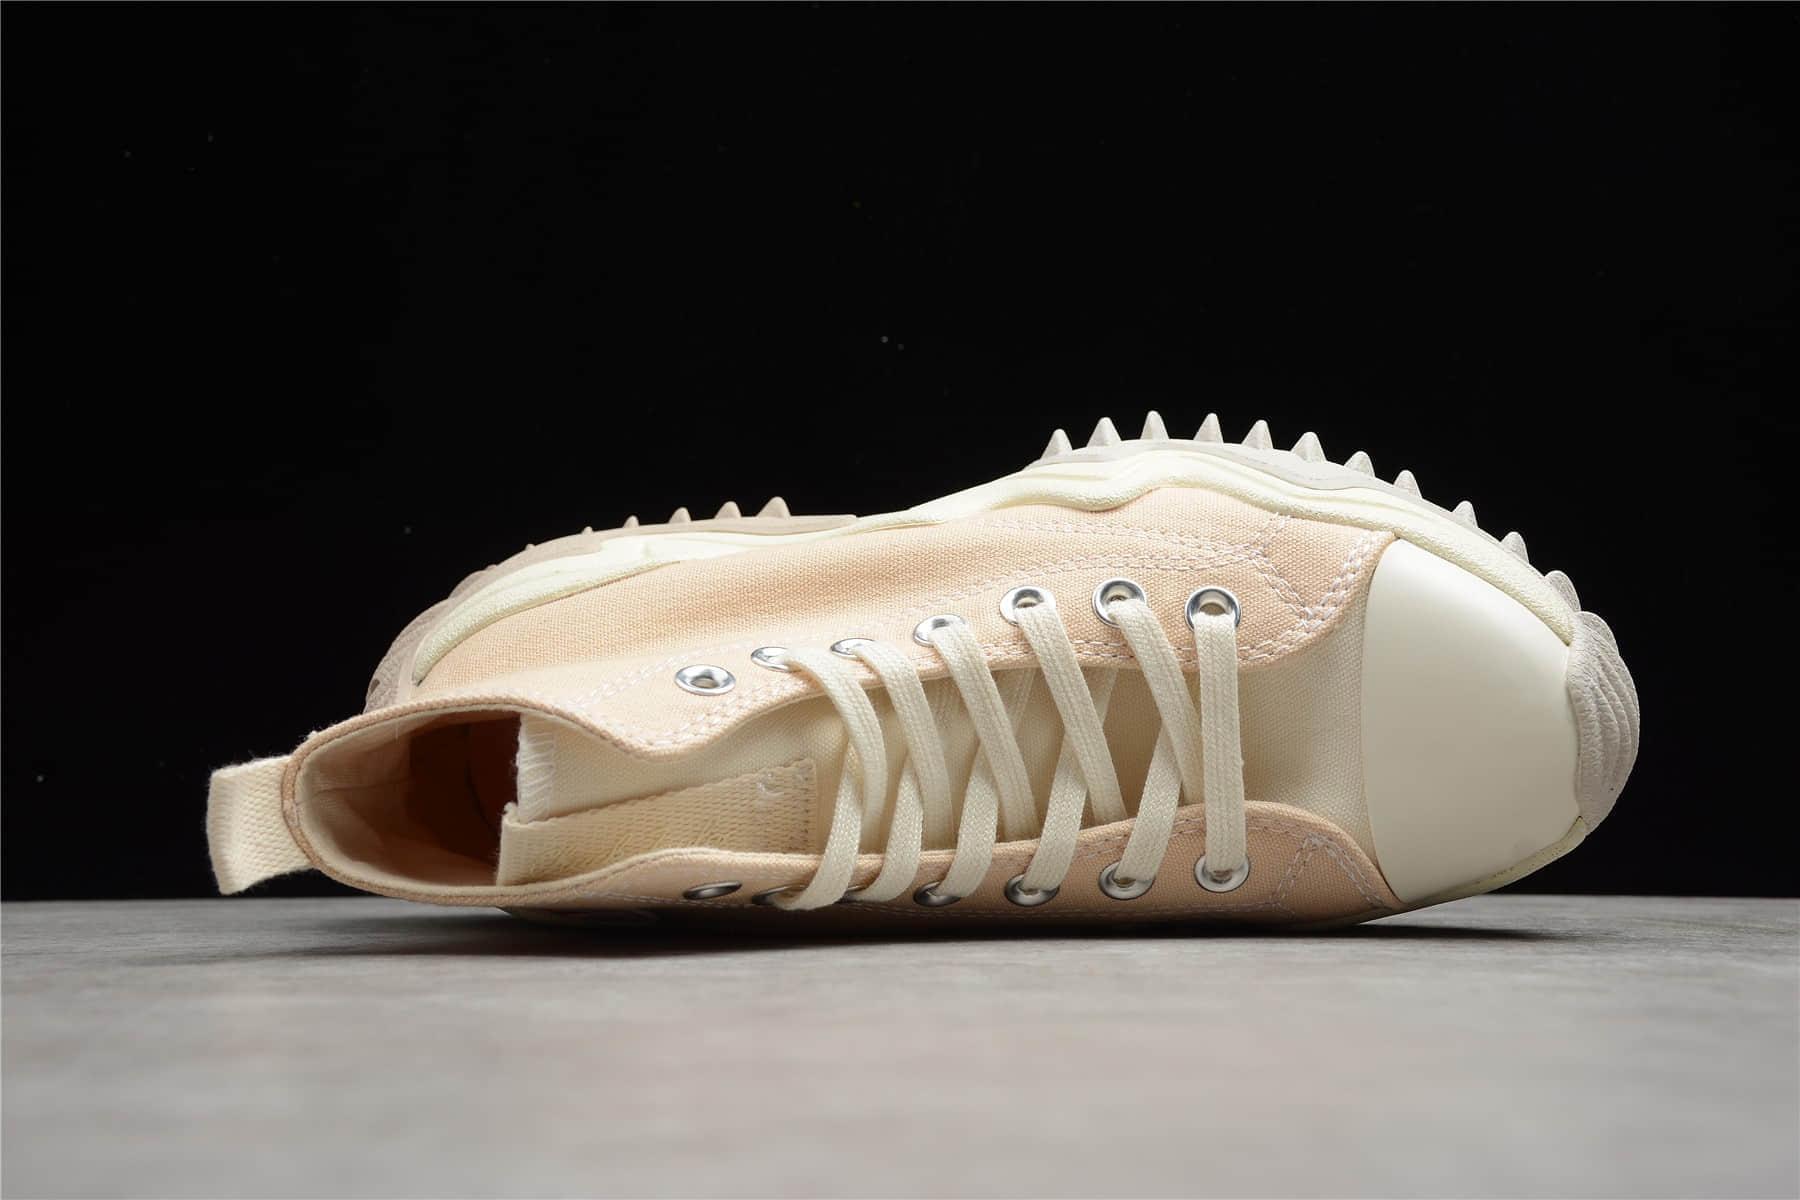 匡威厚底松糕鞋未来电波奶茶色 Converse Run Star Motion 匡威新款松糕鞋 匡威增高鞋 货号:171547C-潮流者之家